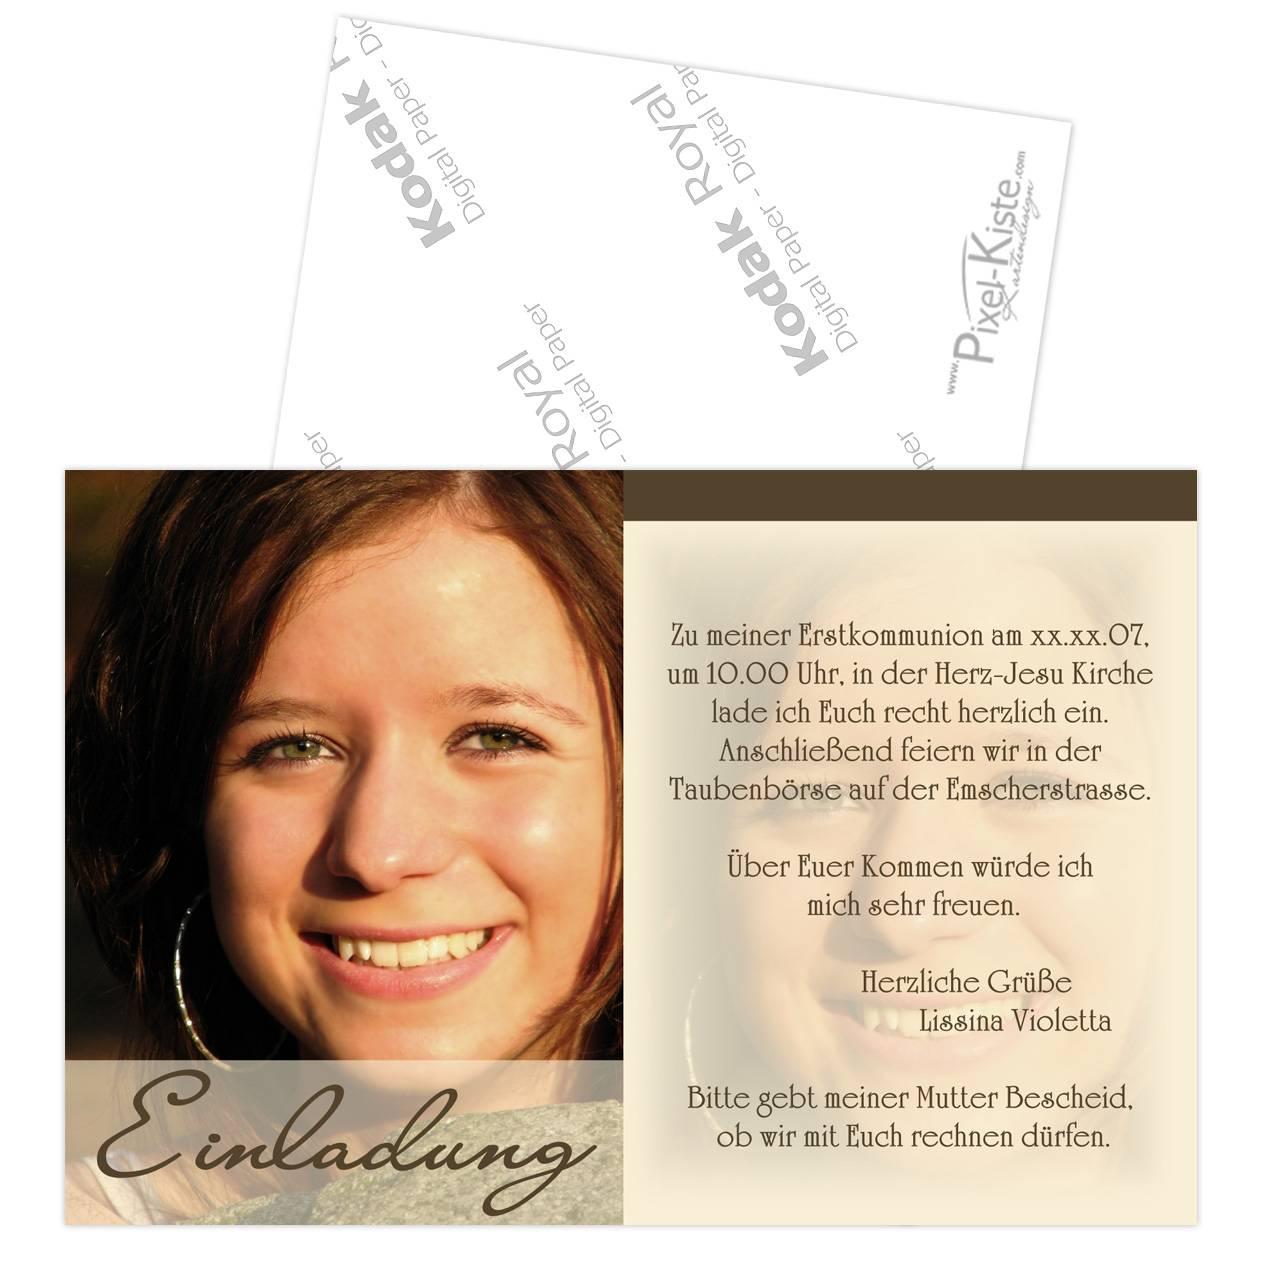 einladung konfirmation kommunion mit foto, Einladung